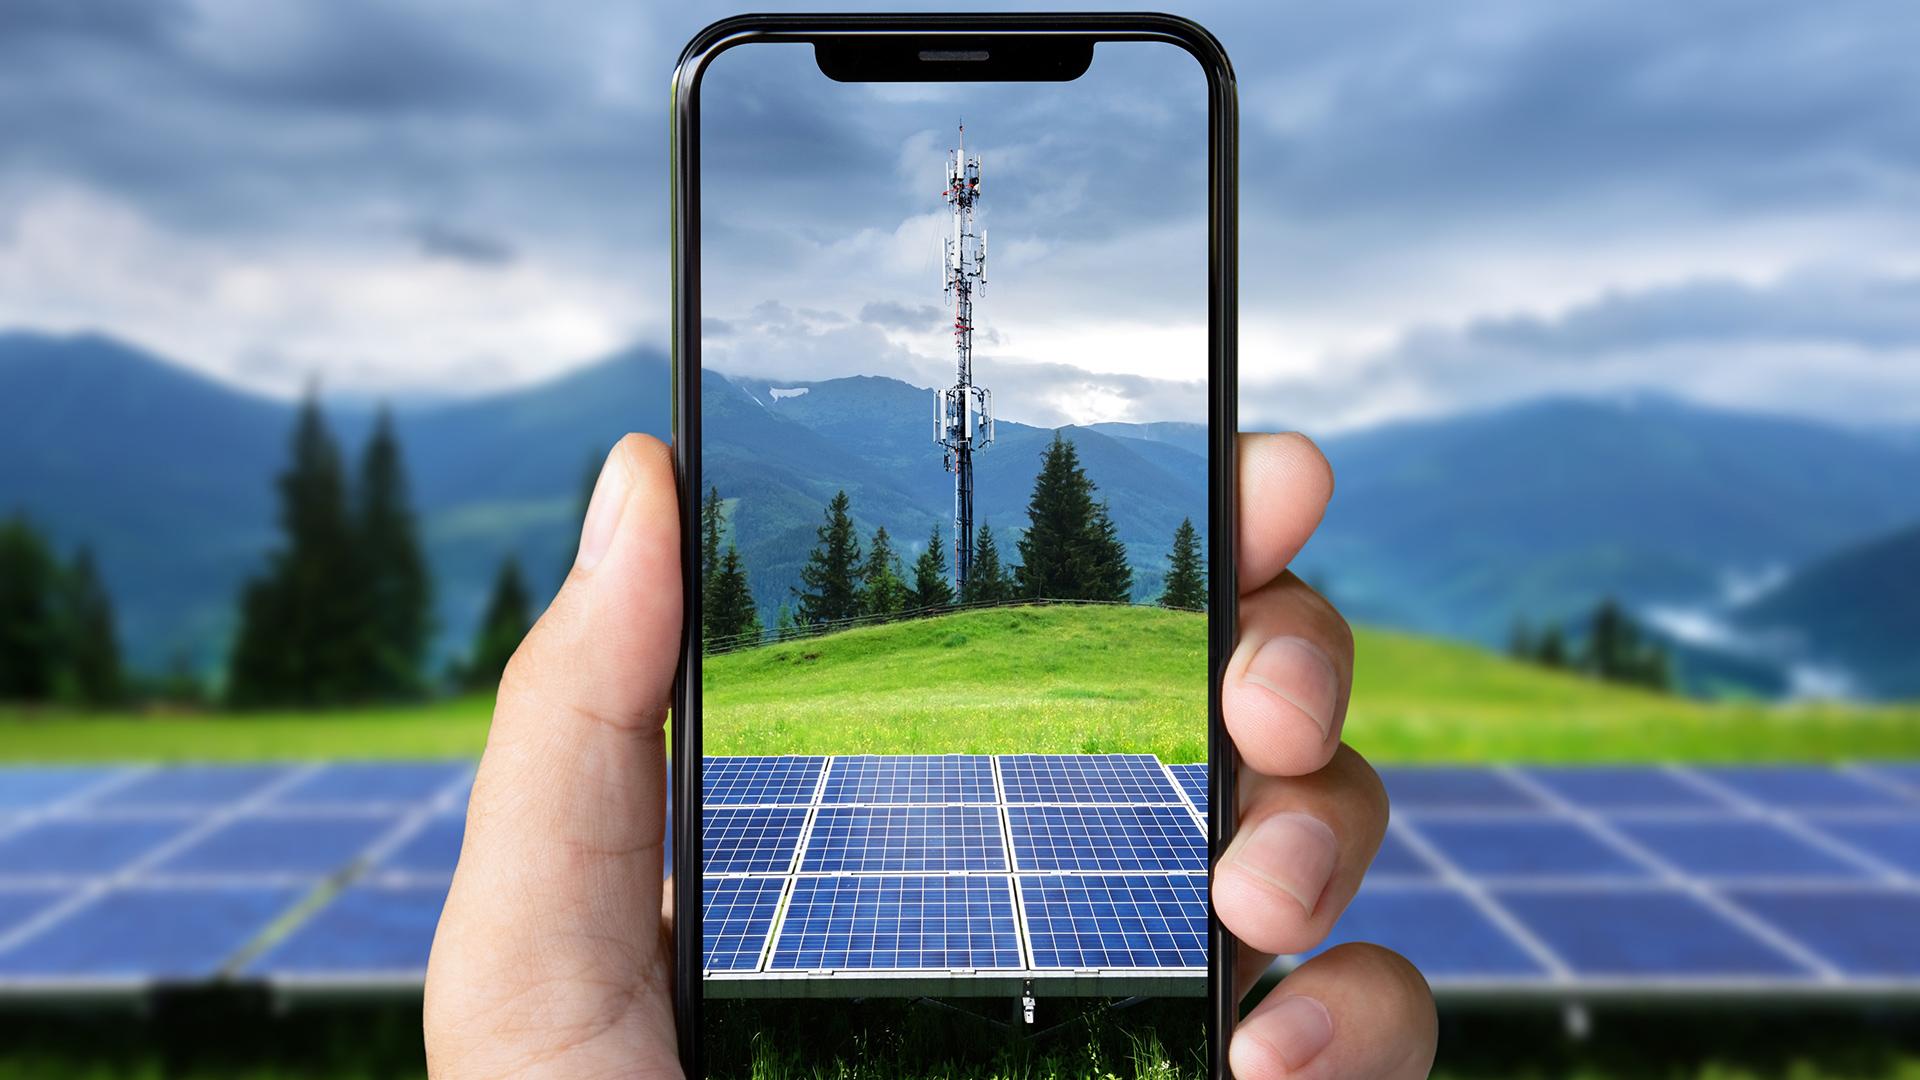 Auf dem Display eines Smartphones ist eine Solarzelle zu sehen, im Hintergrund eine Berglandschaft mit einem Mobilfunkmast.